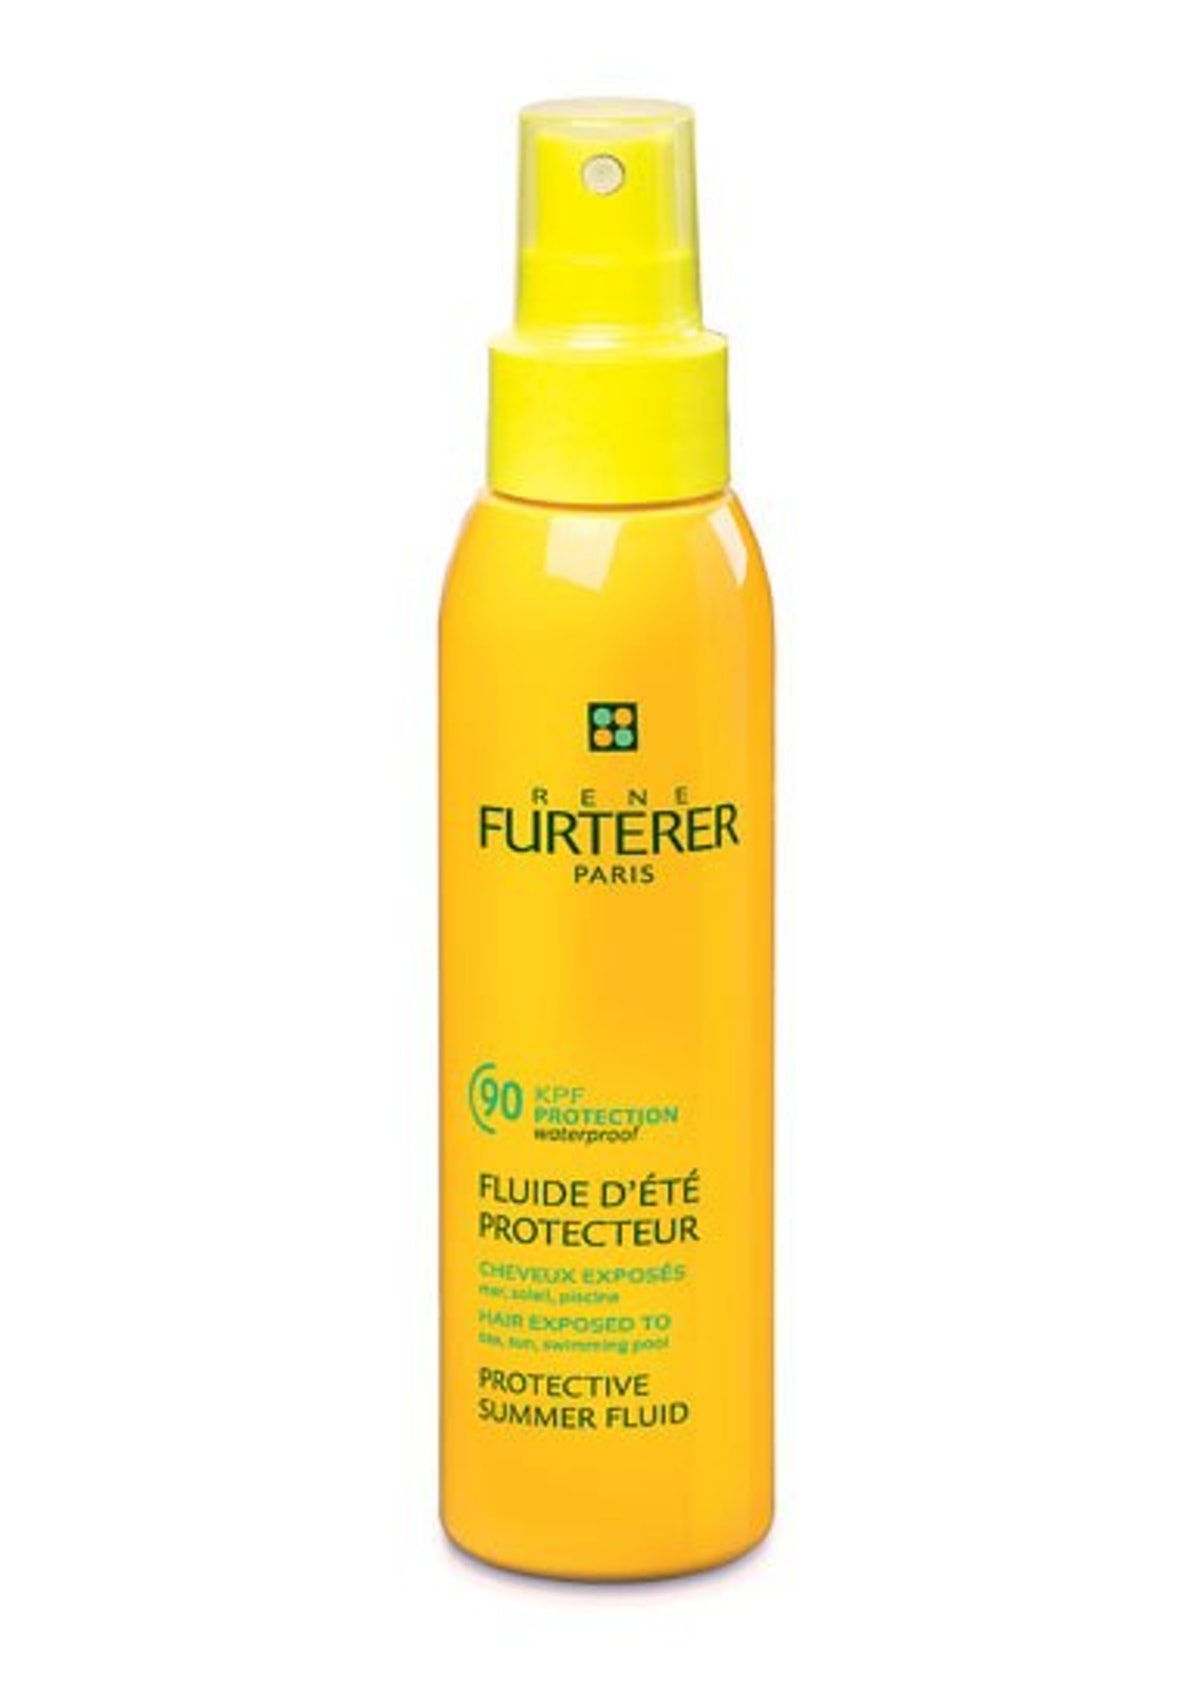 blog_Rene-Furterer-Fluide-d%27ete-Protecteur_01.jpg